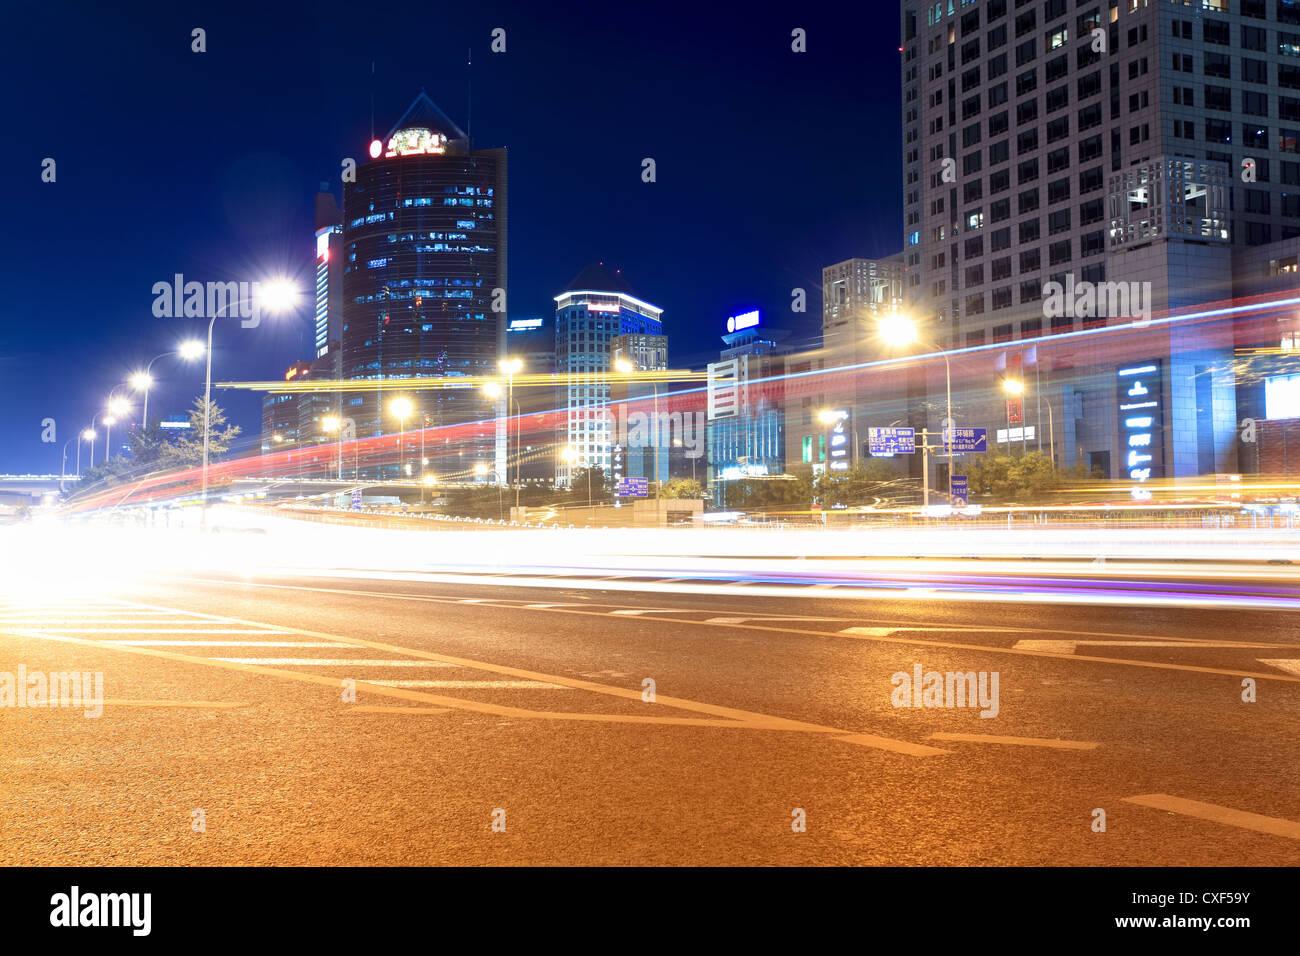 Straßen mit hohem Verkehrsaufkommen in der Nacht Stockbild